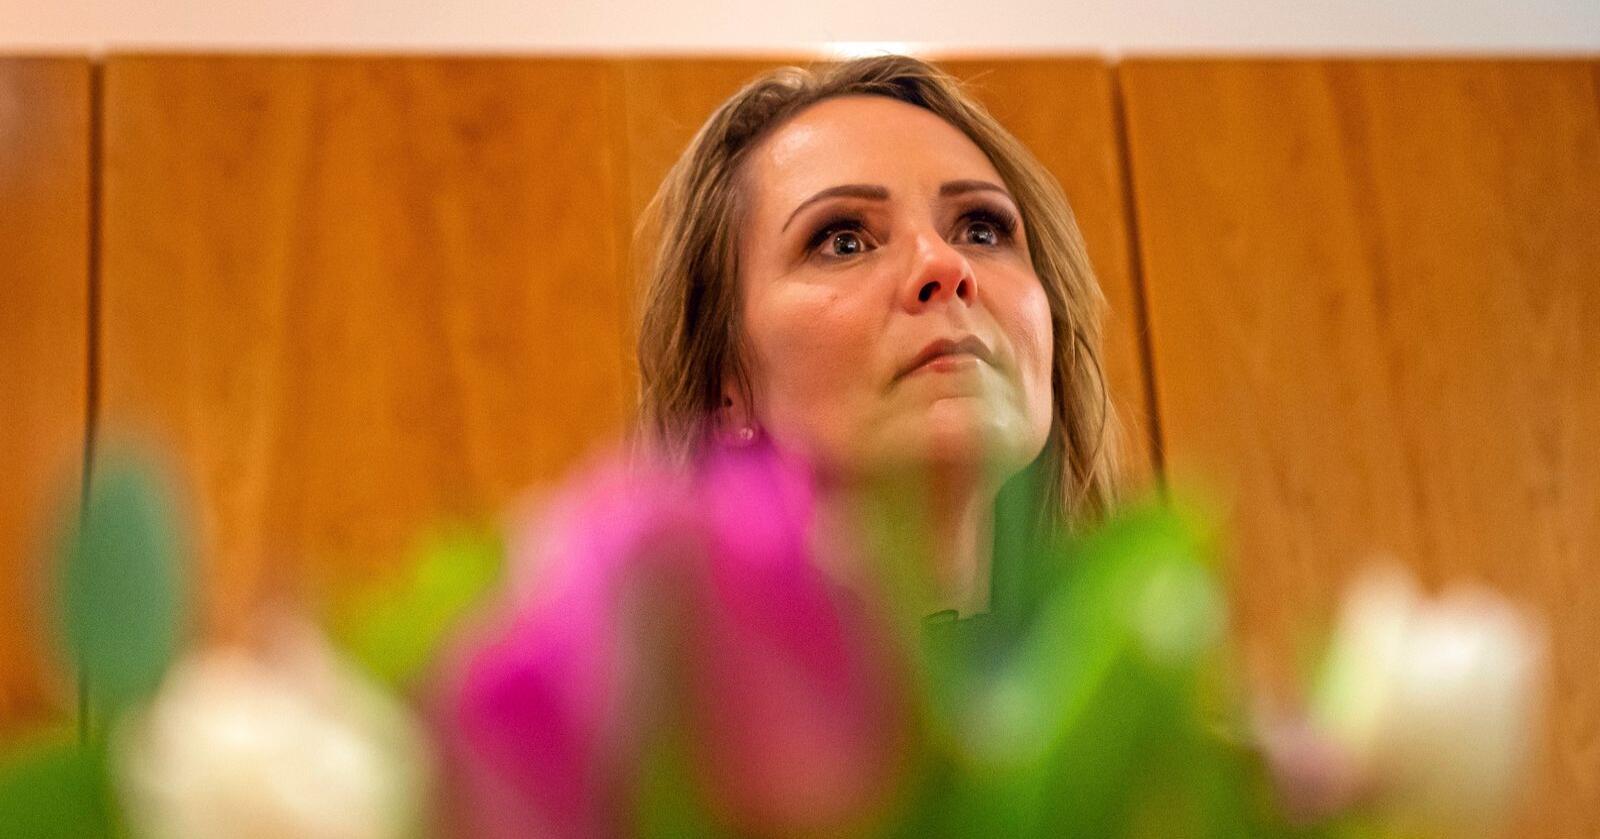 Fergeopprør: Linda hofstad Helleland skriver at noe av det første hun gjorde som distriktsminister var å ta kontakt med de ledende folkene i fergedebatten. Foto: Fredrik Varfjell / NTB scanpix.